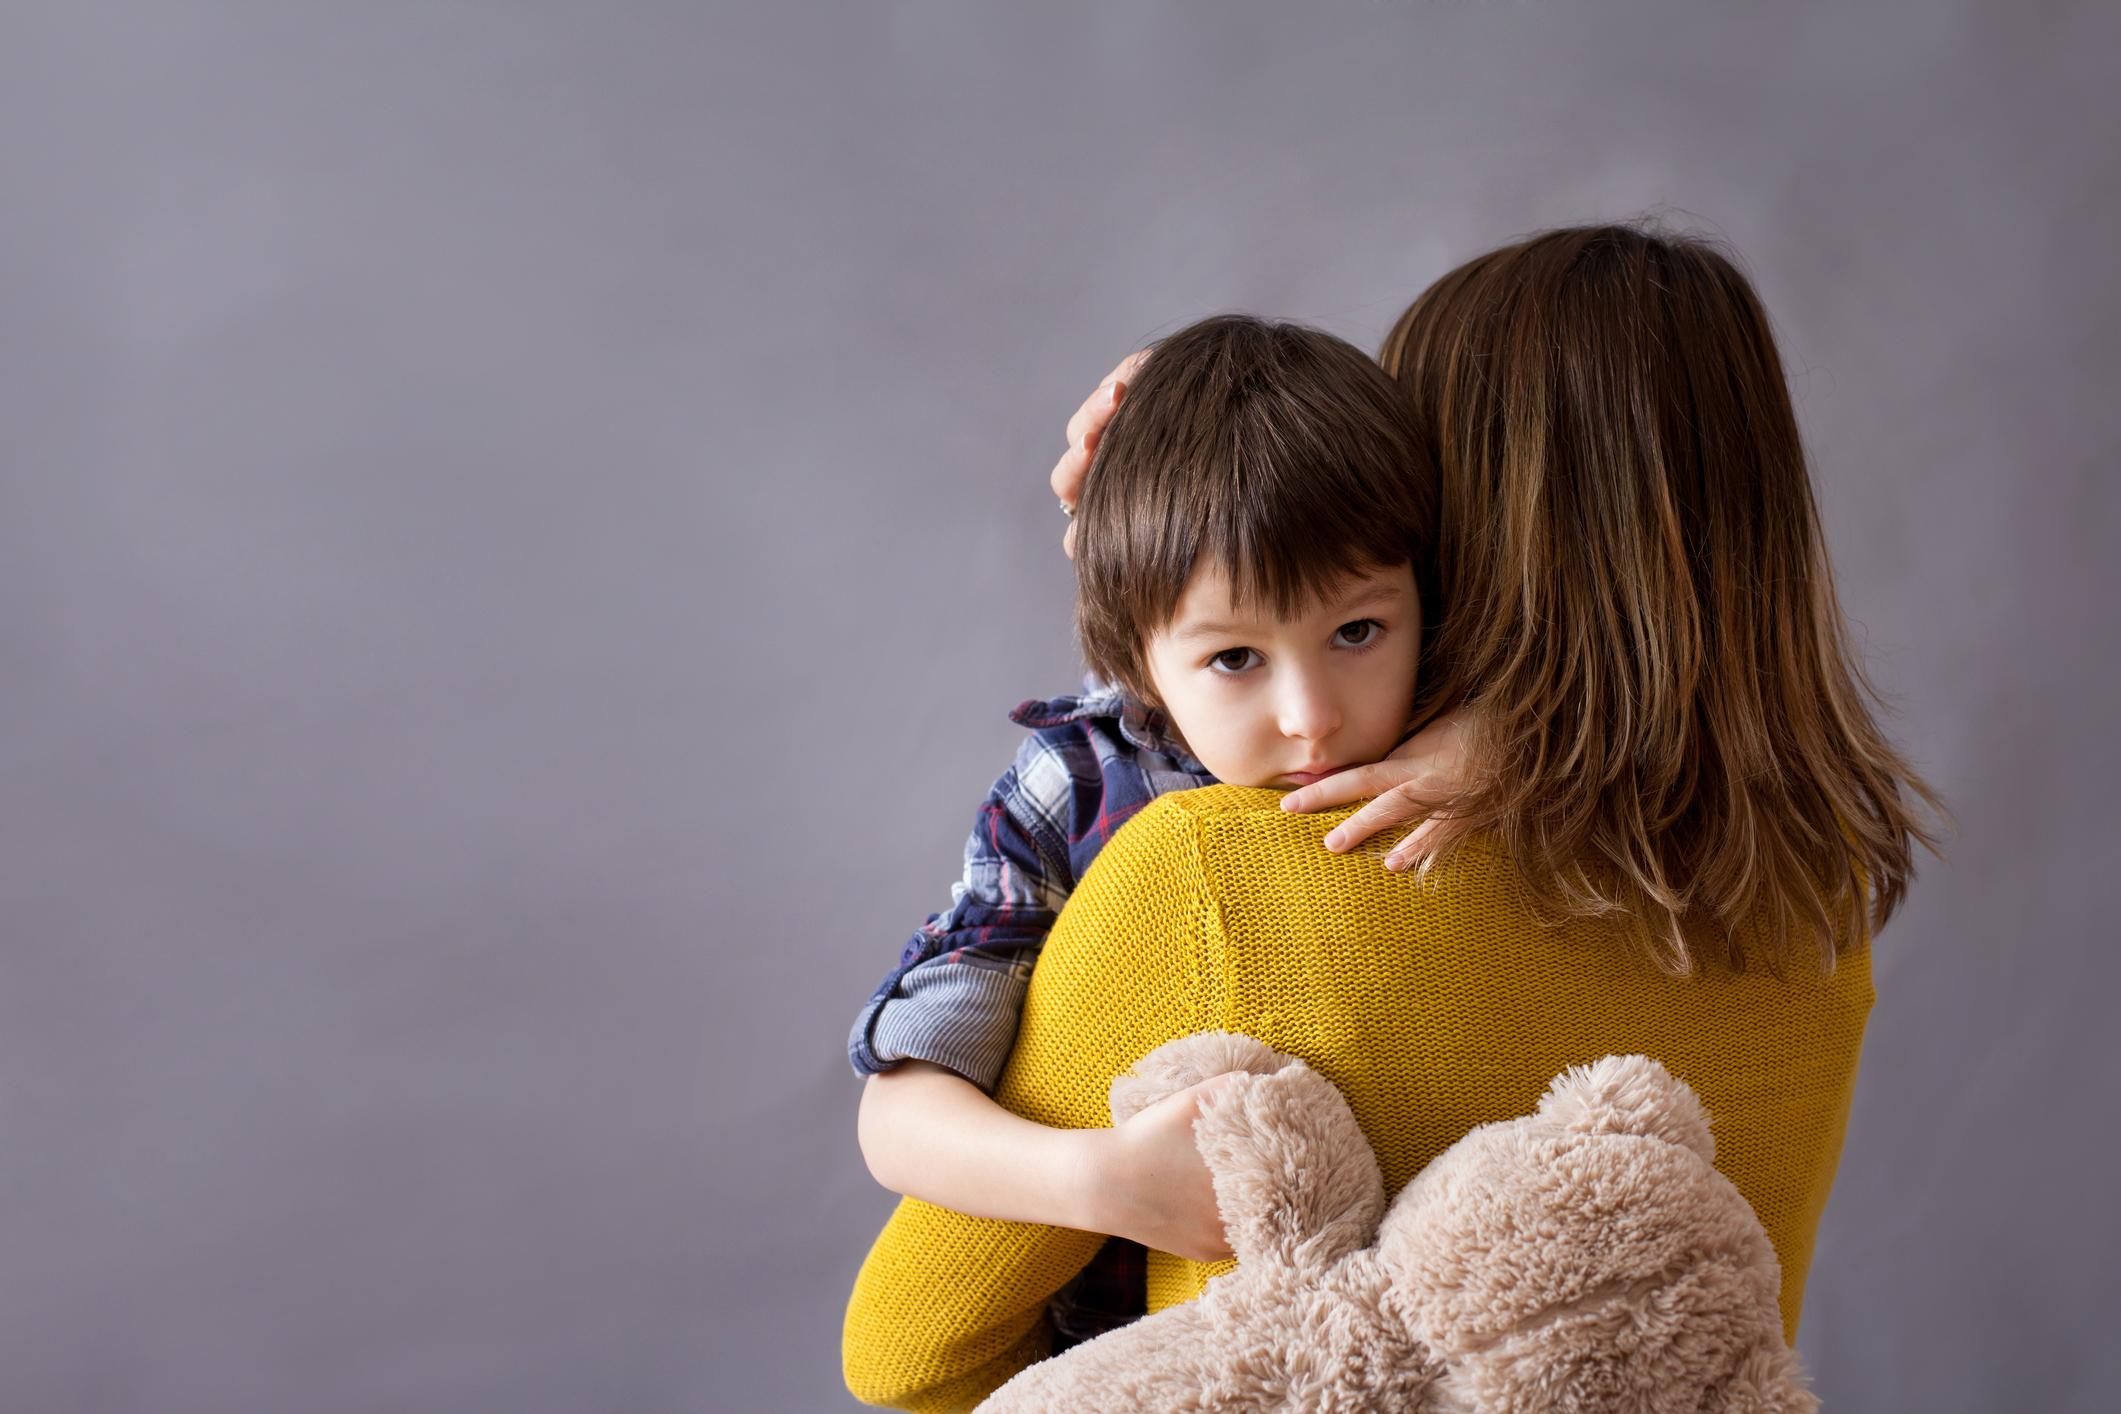 Hình ảnh trẻ em được mẹ bế